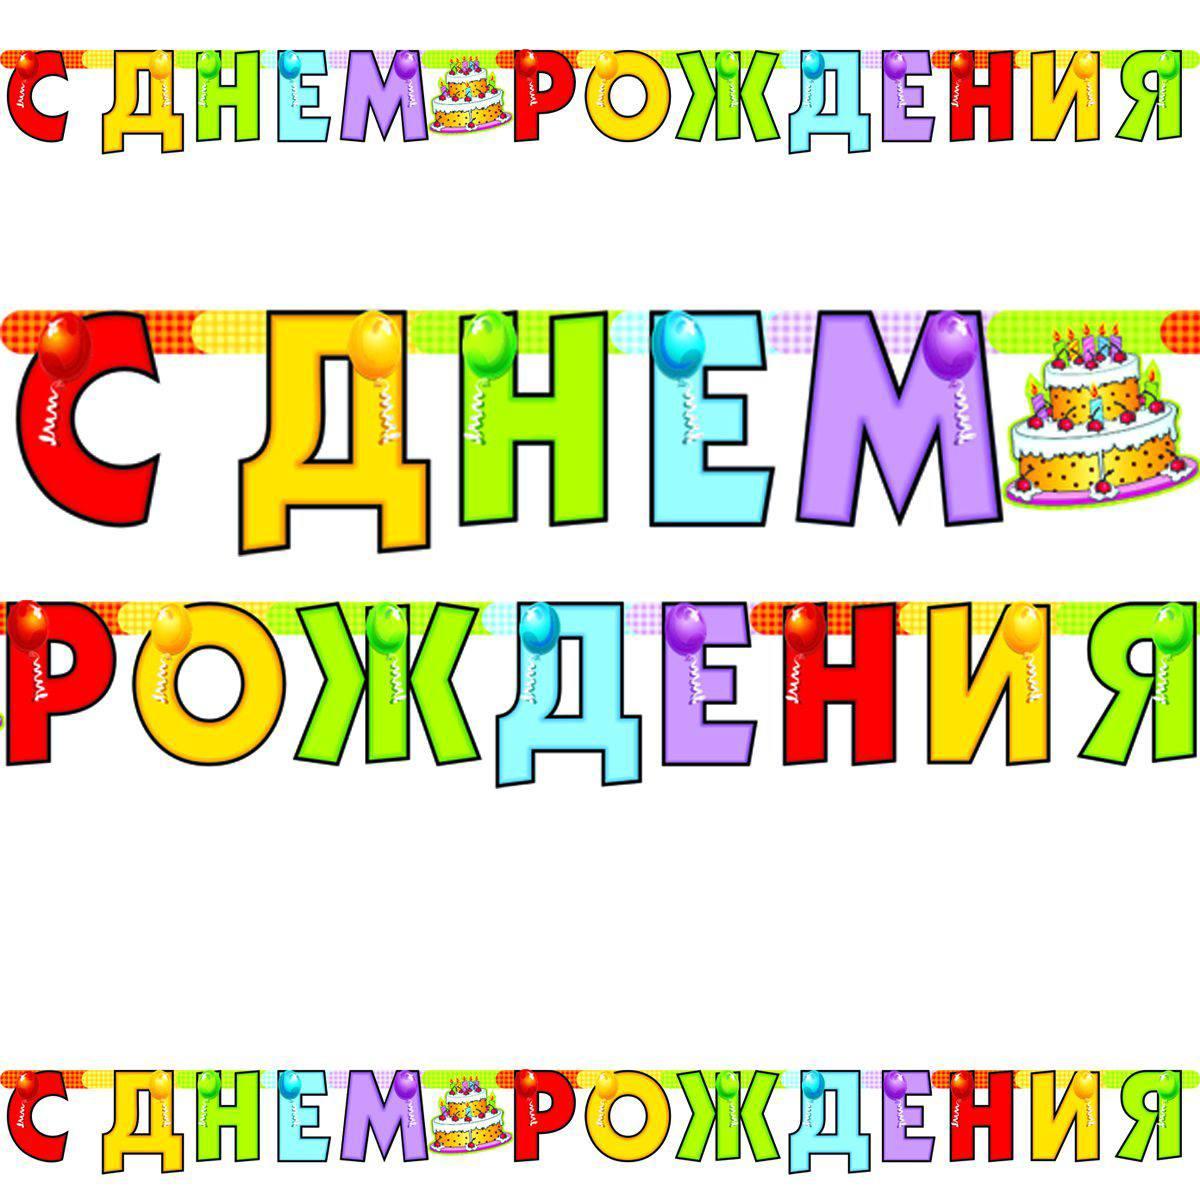 Буквы для поздравления с днем рождения, поздравление подруге днем